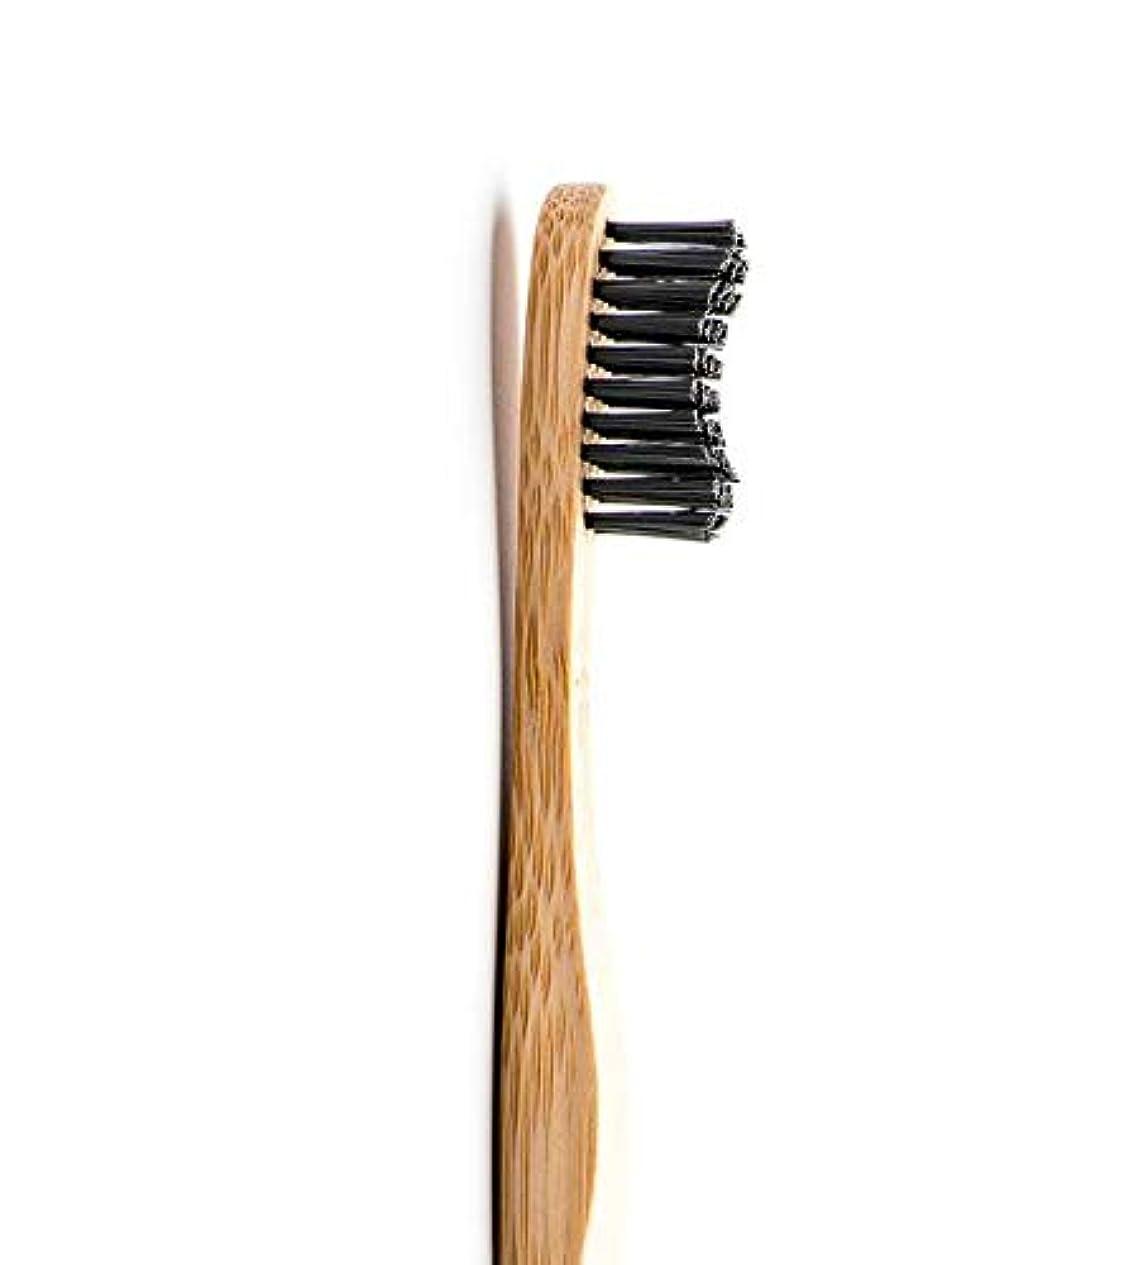 恐ろしい有名な葉を集めるTHE HUMBLE CO.(ザ?ハンブル?コー) 歯ブラシ 大人用 ブラック